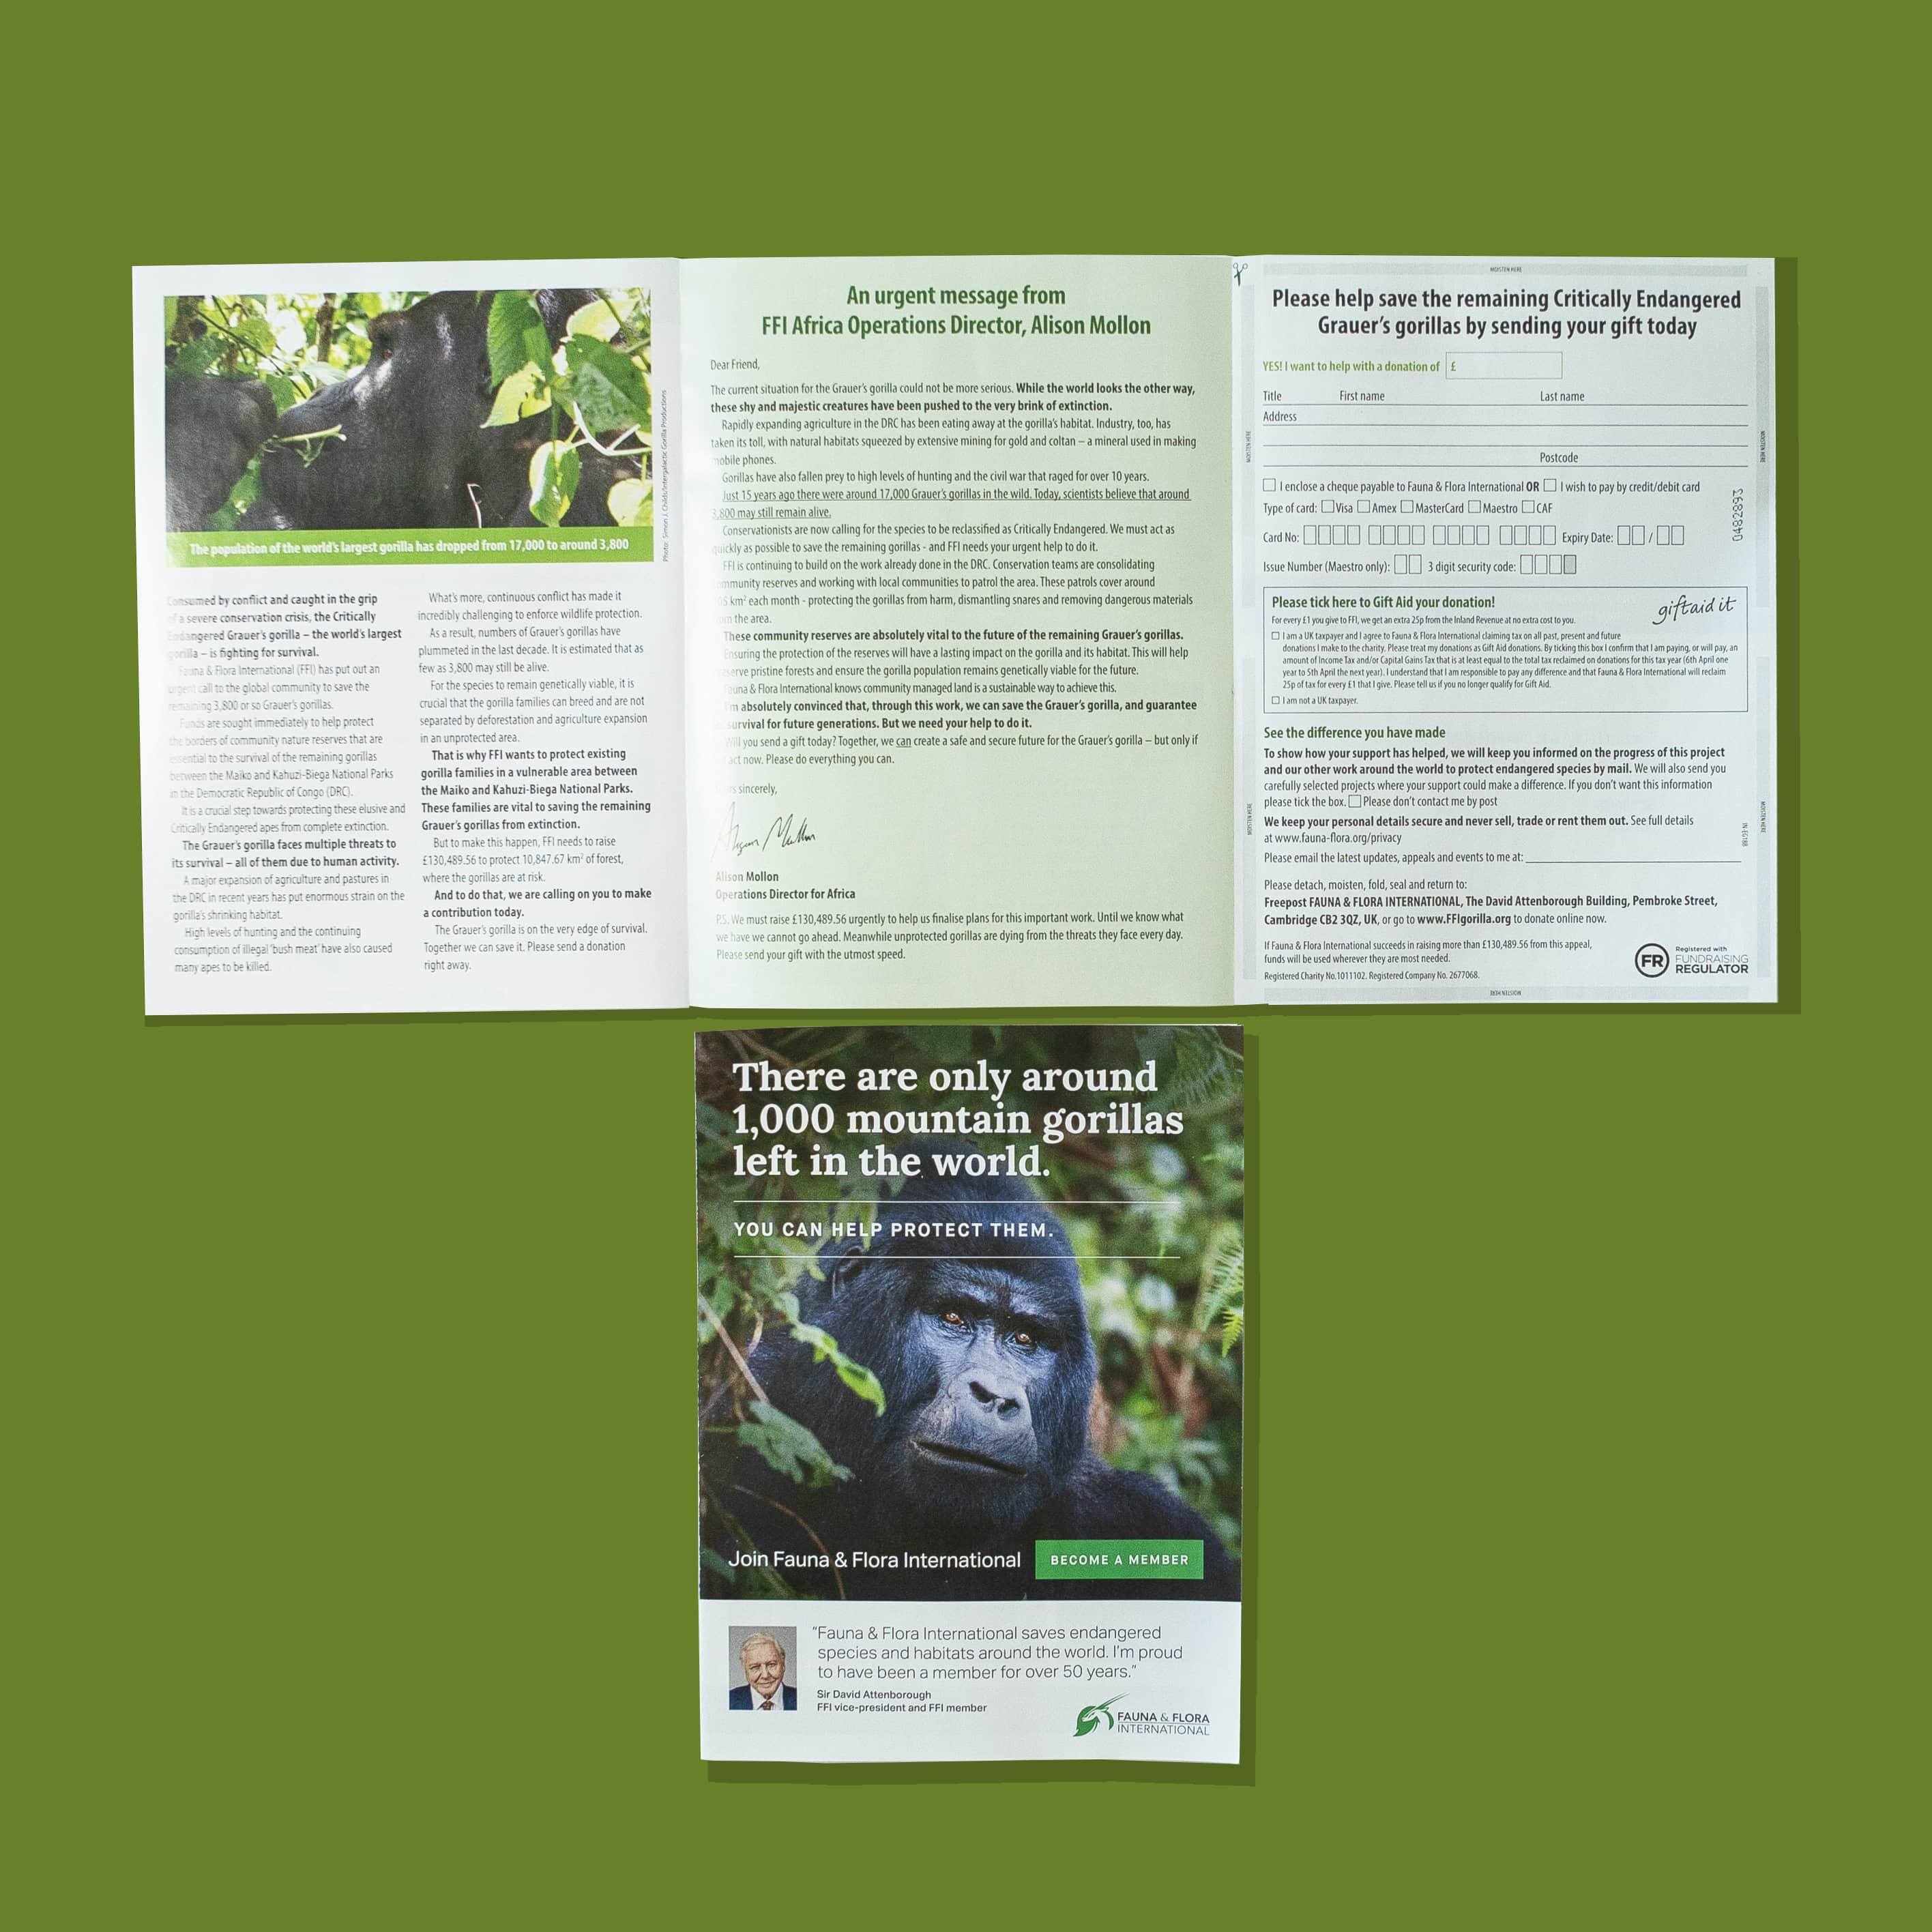 Fauna & Flora Campaign